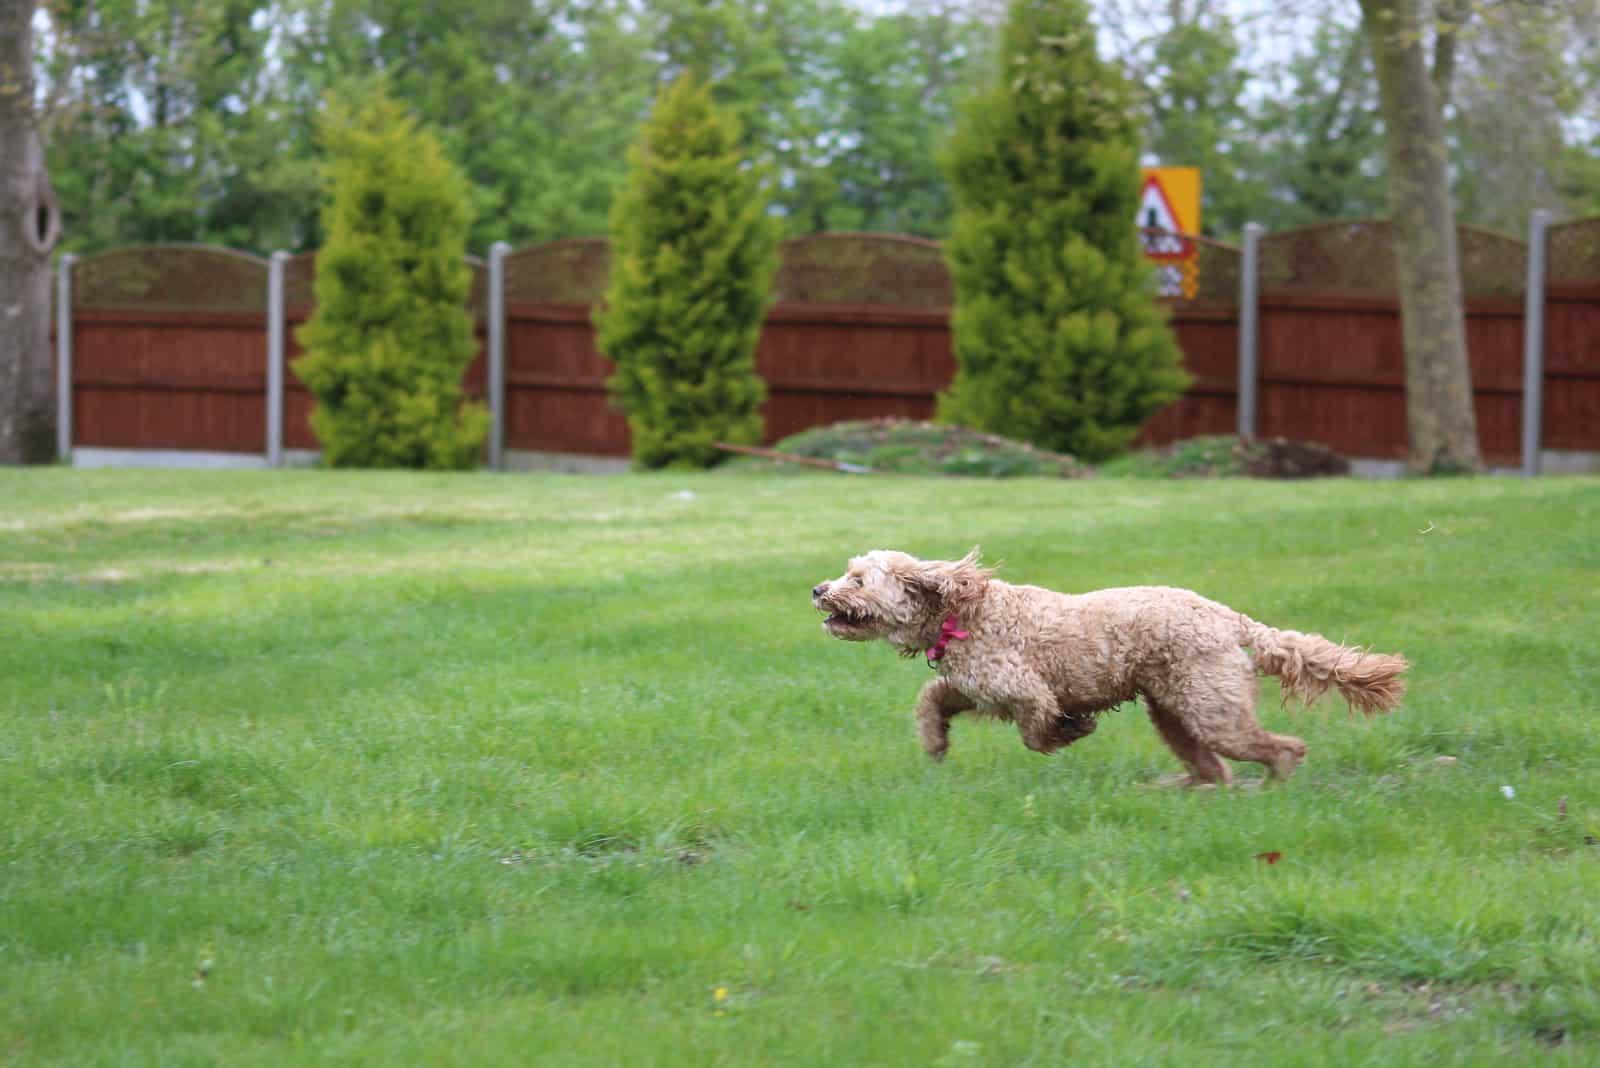 Cavapoo puppy runs around the garden